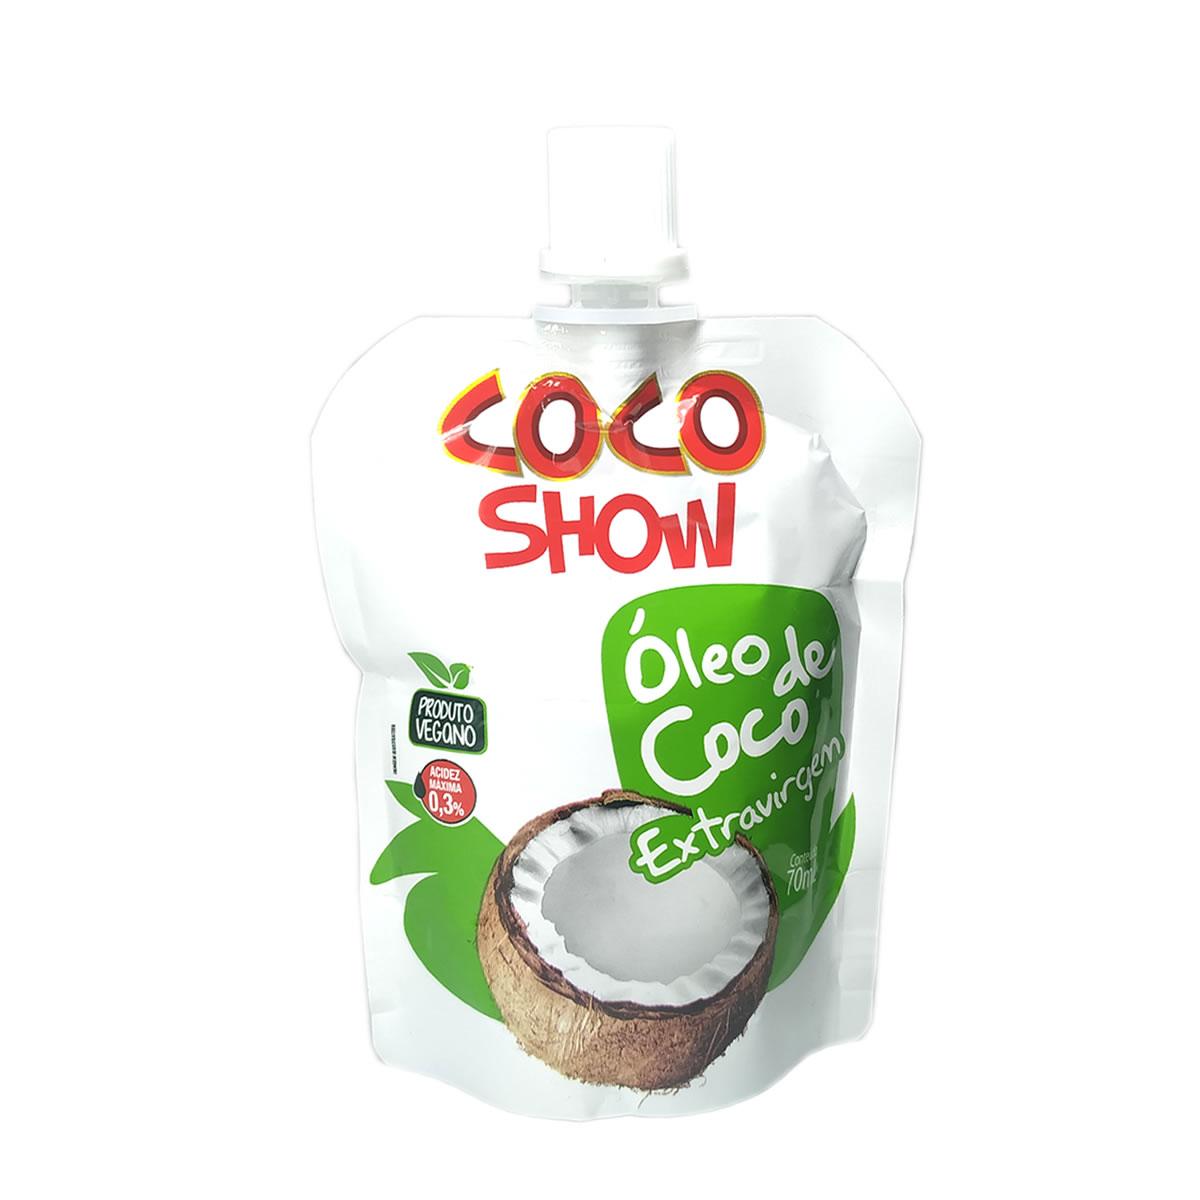 Óleo de Coco Extra Virgem Stand Pouch 70ml - Coco Show